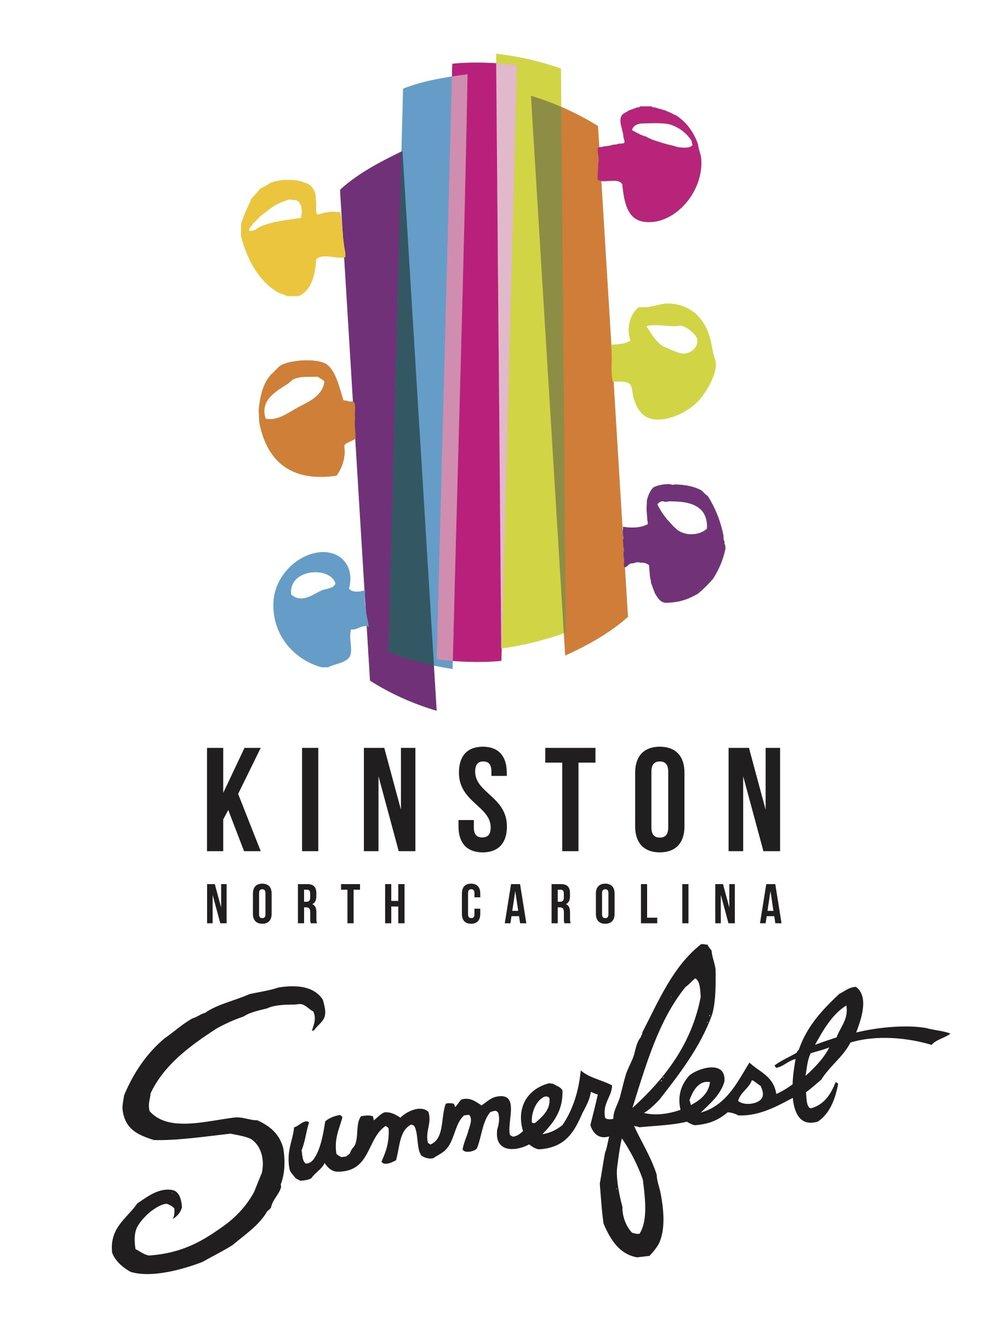 Pride+of+Kinston+Color+Summerfest+copy.jpg